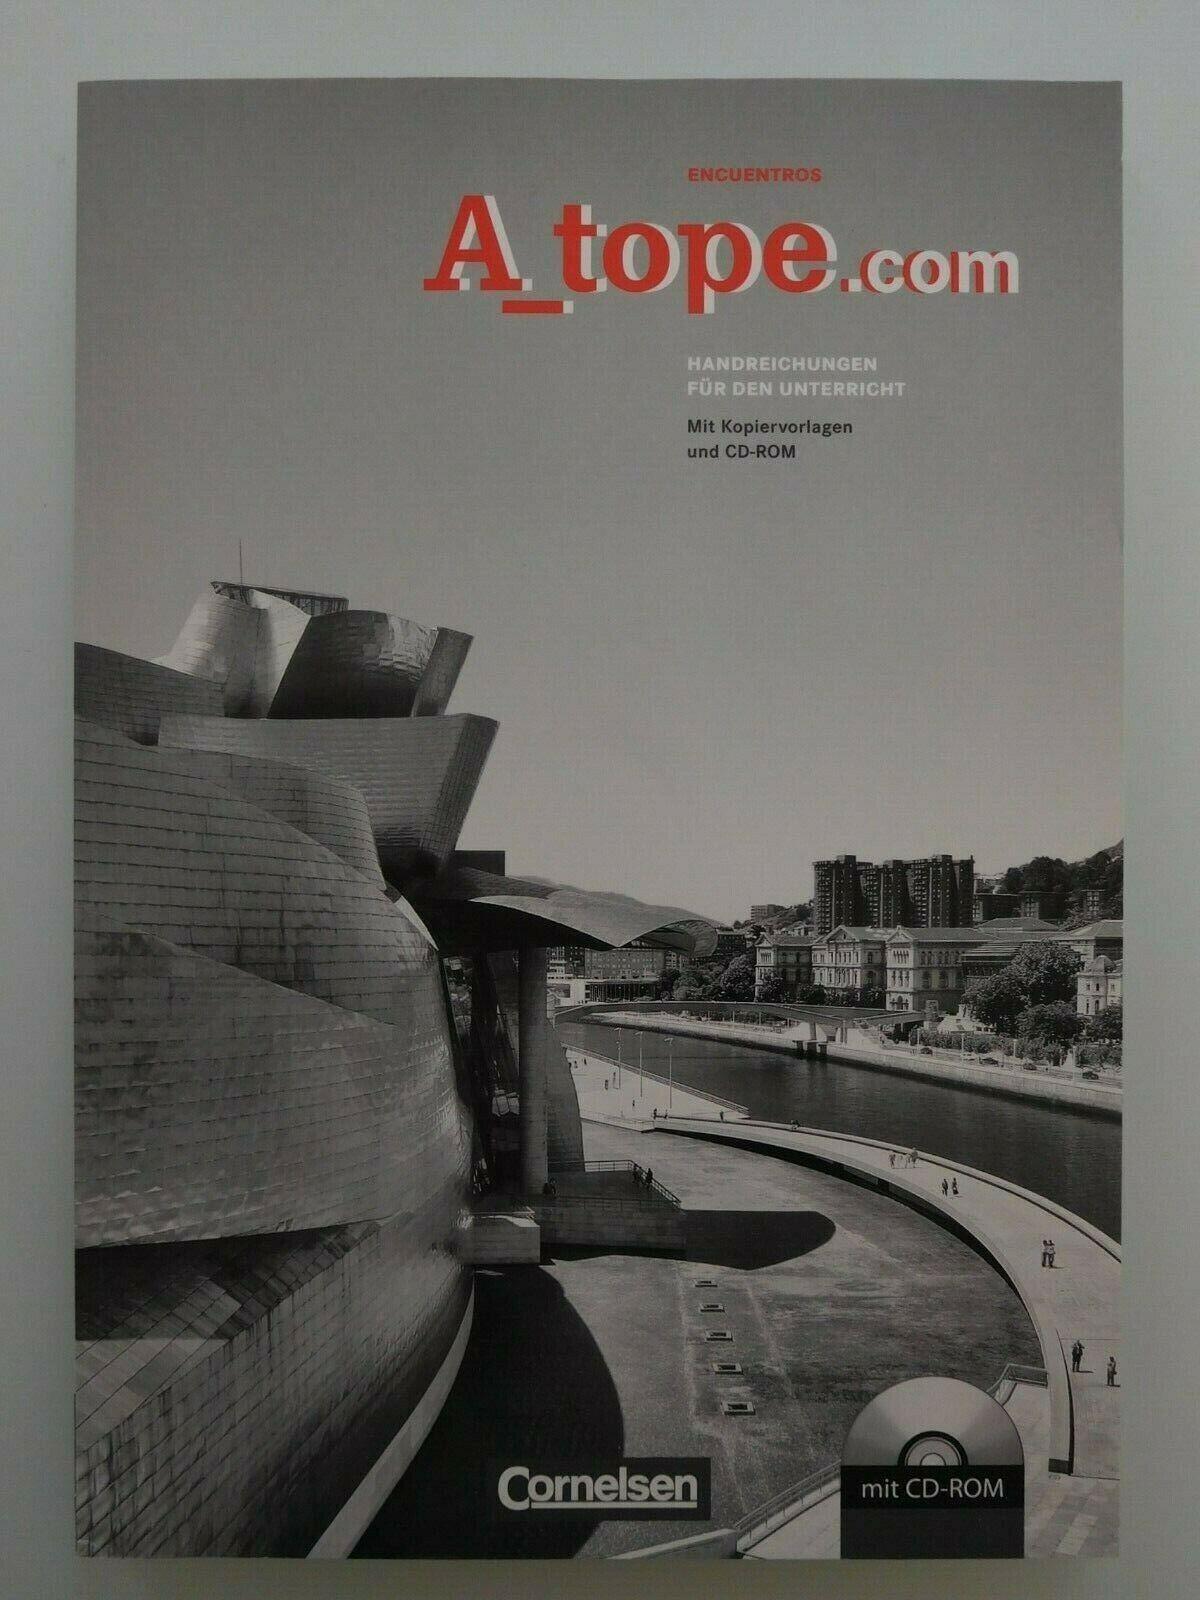 a_tope.com Encuentros Handreichungen für den Unterricht mit KV+CD-ROM - Alexander Grimm